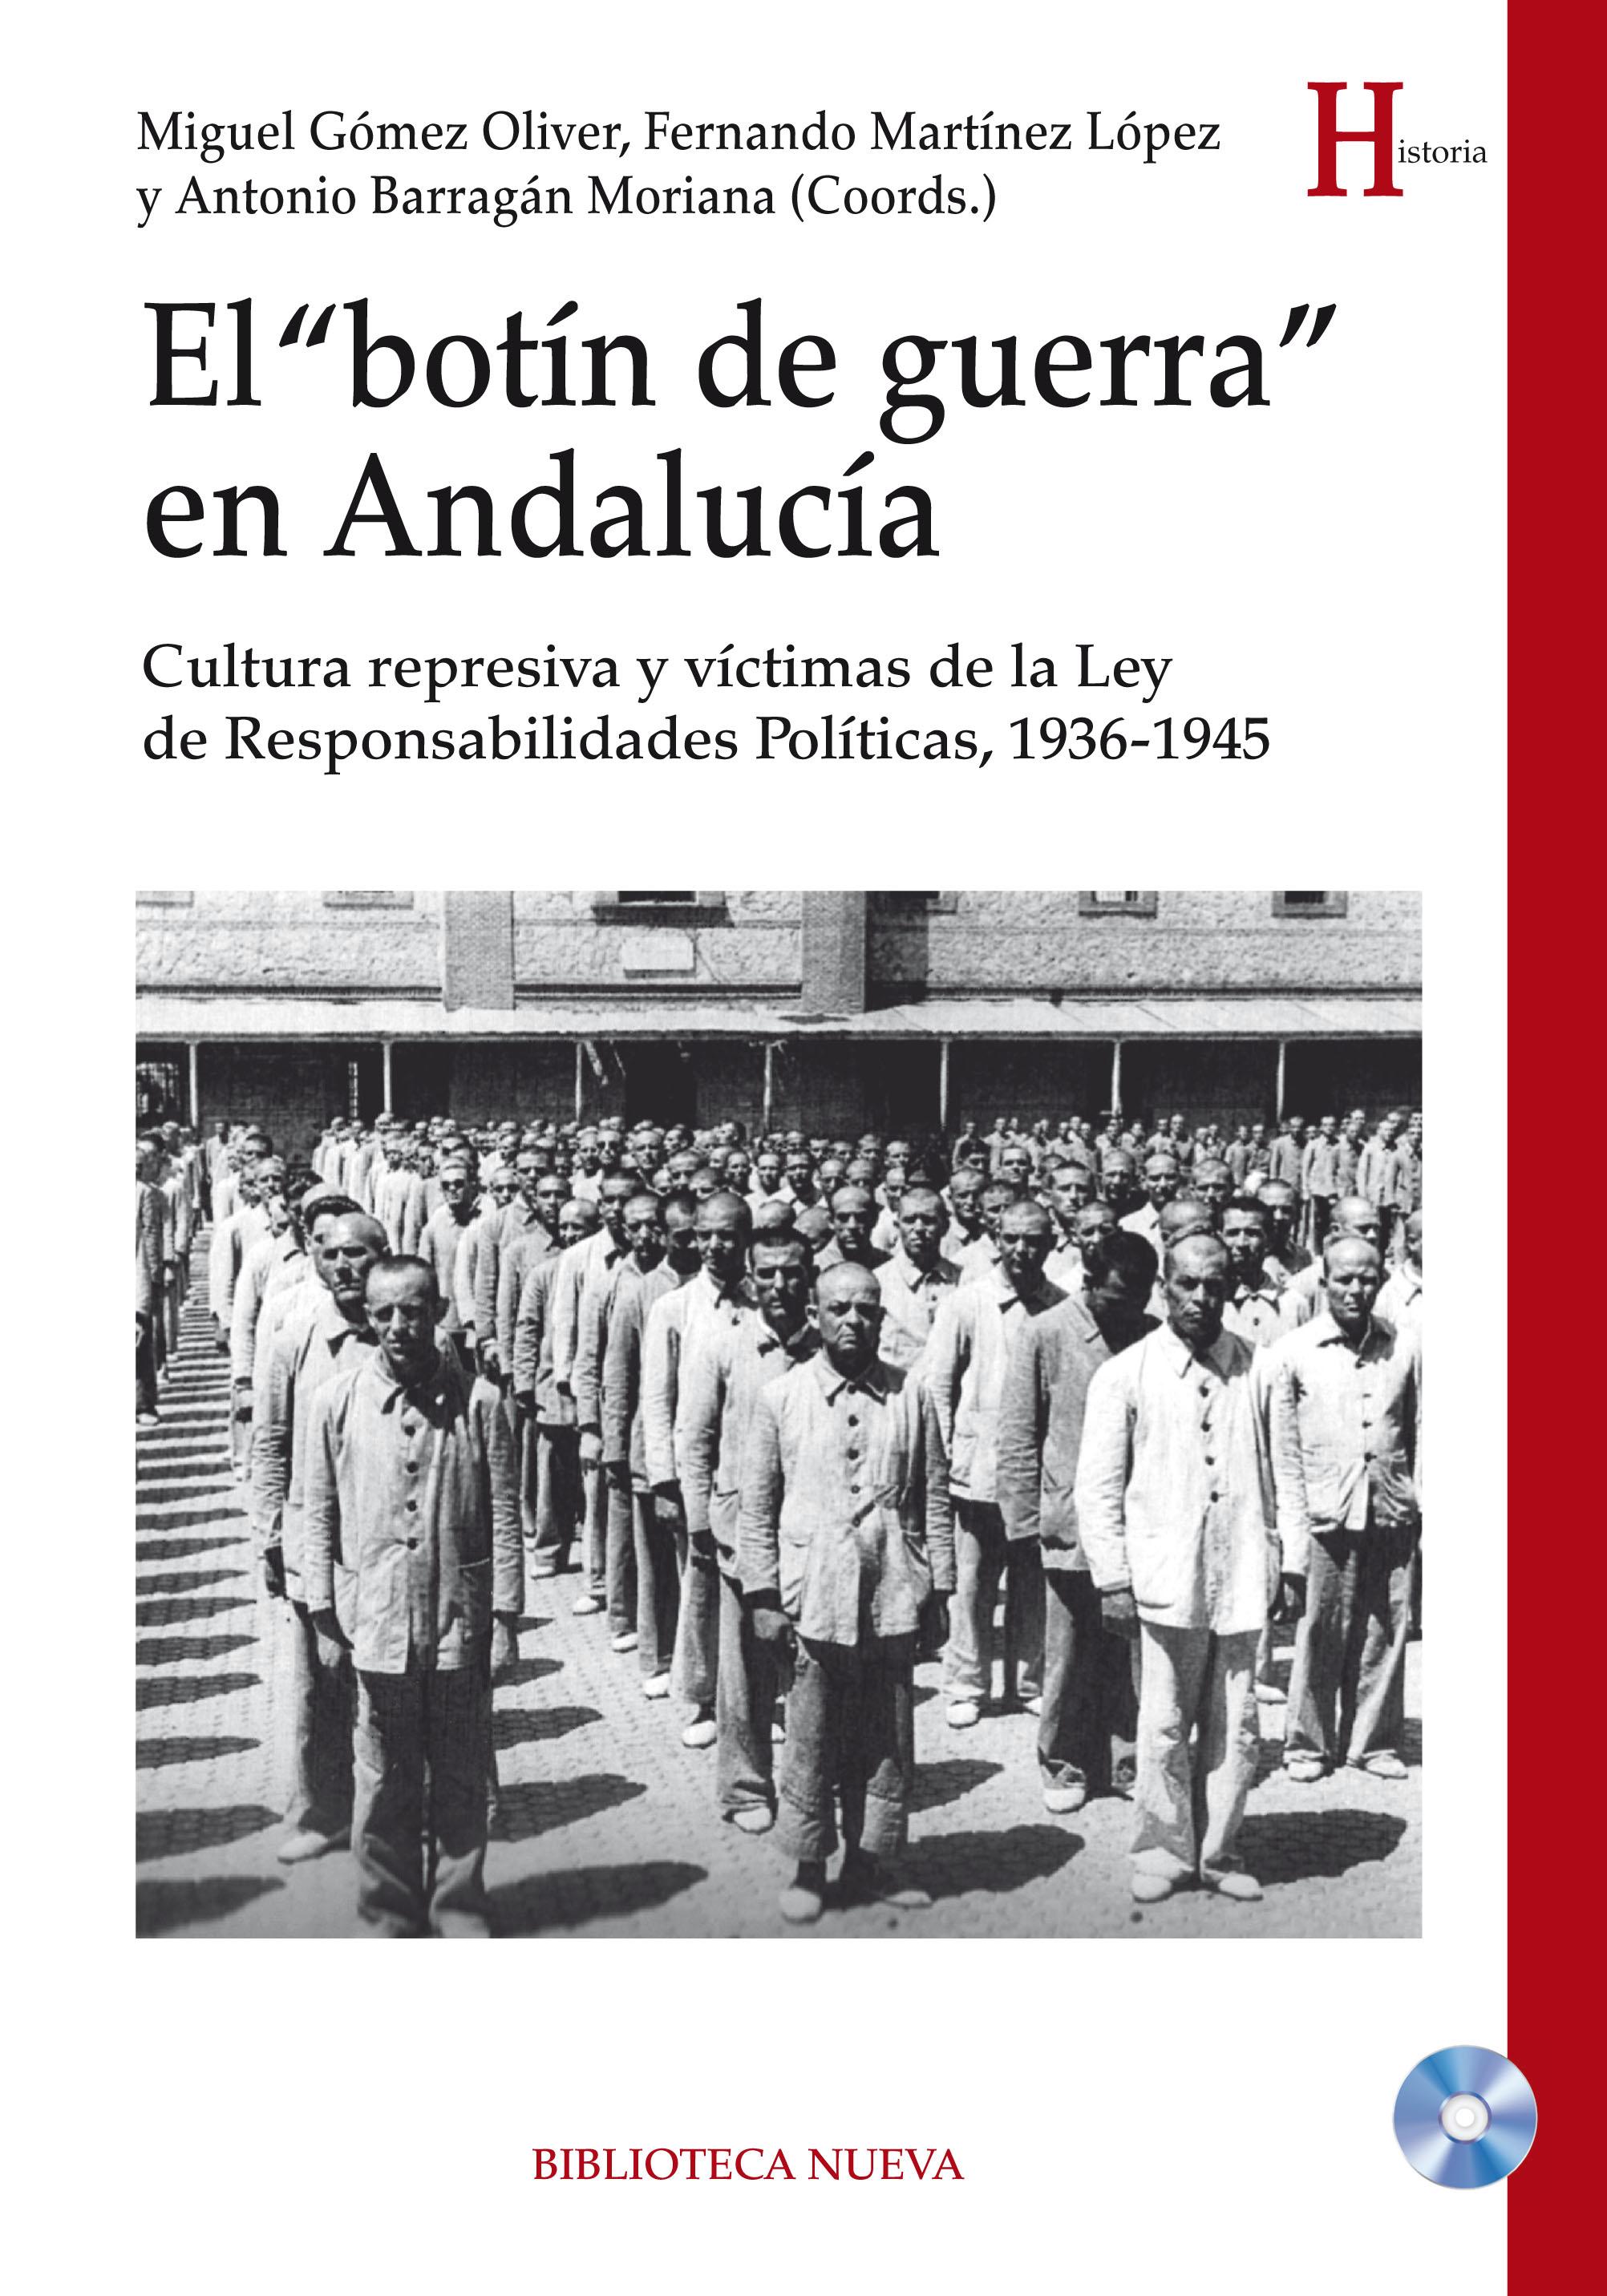 botin_guerra_andalucia.indd